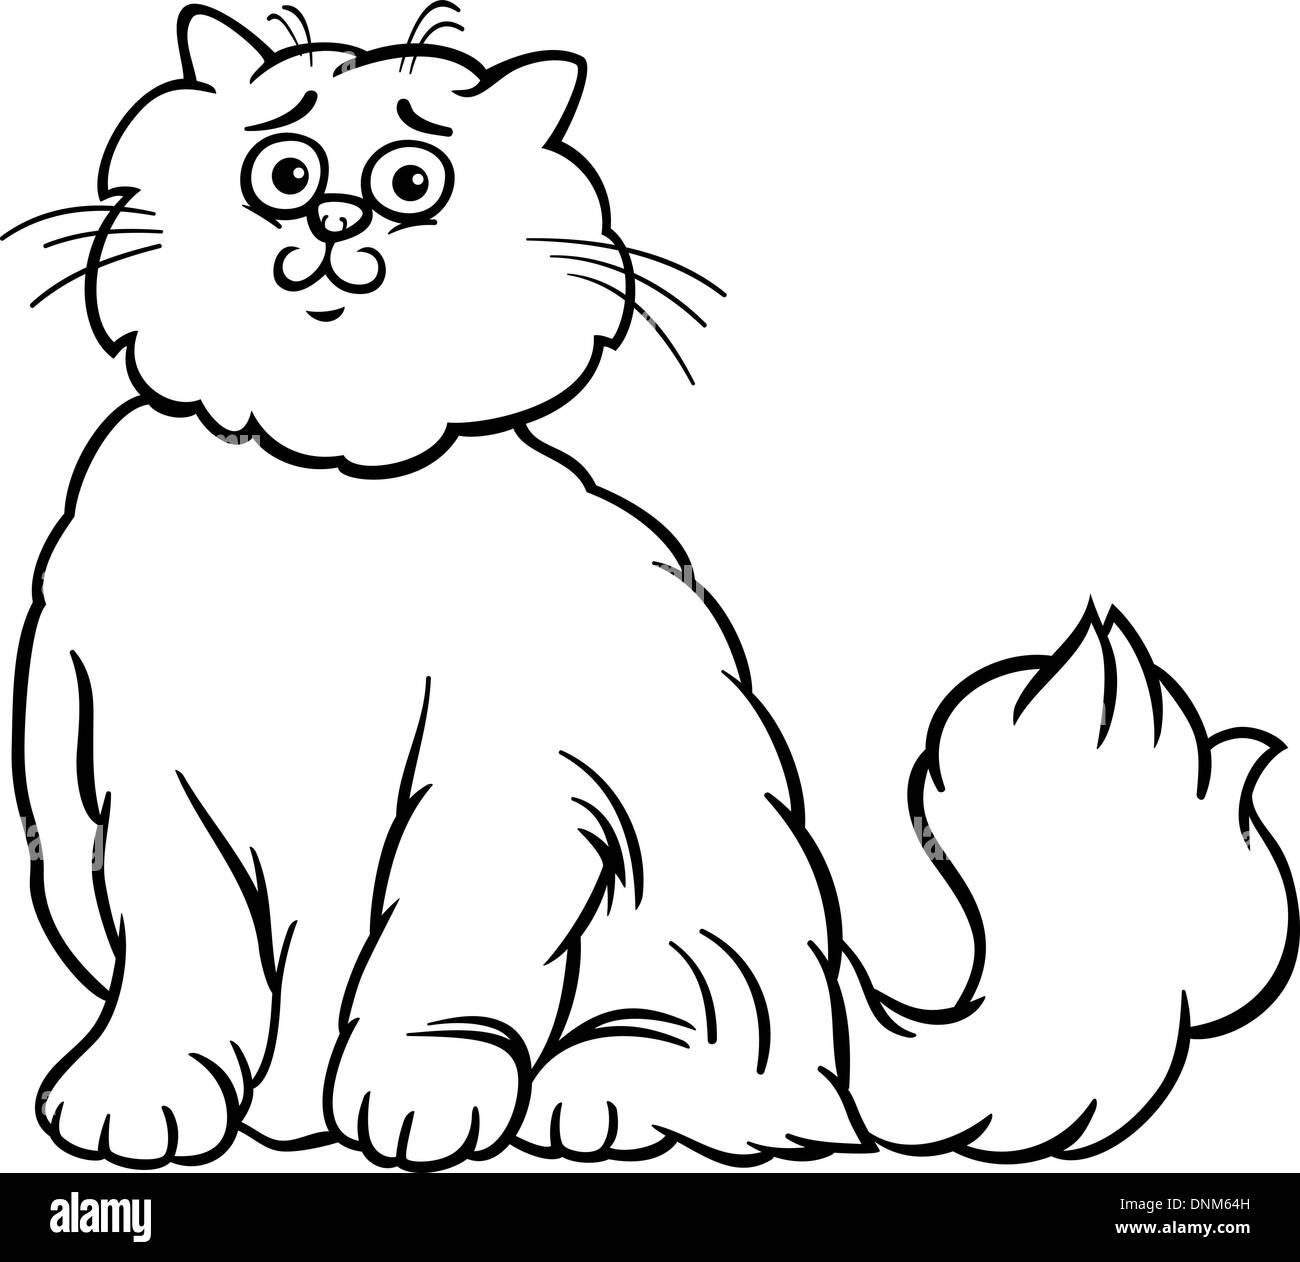 Schwarz / Weiß Cartoon Illustration der süße Langhaar Perserkatze ...